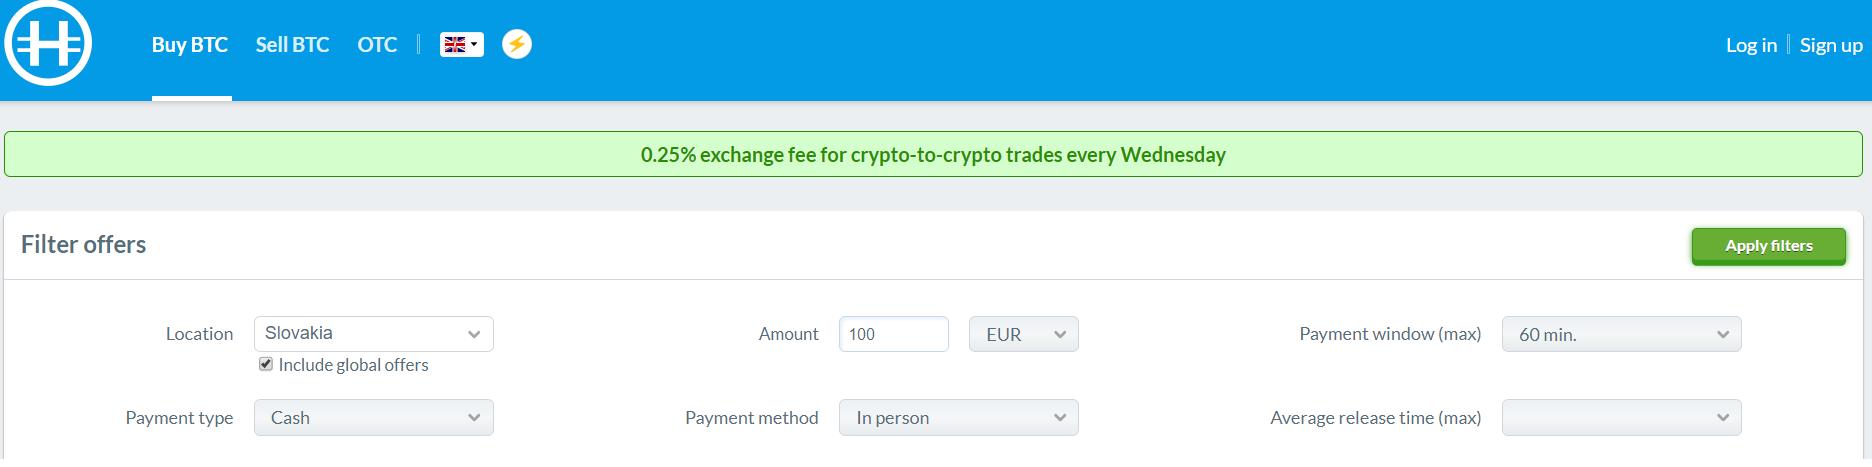 Kā Ieguldīt Bitcoin Bez Lielas